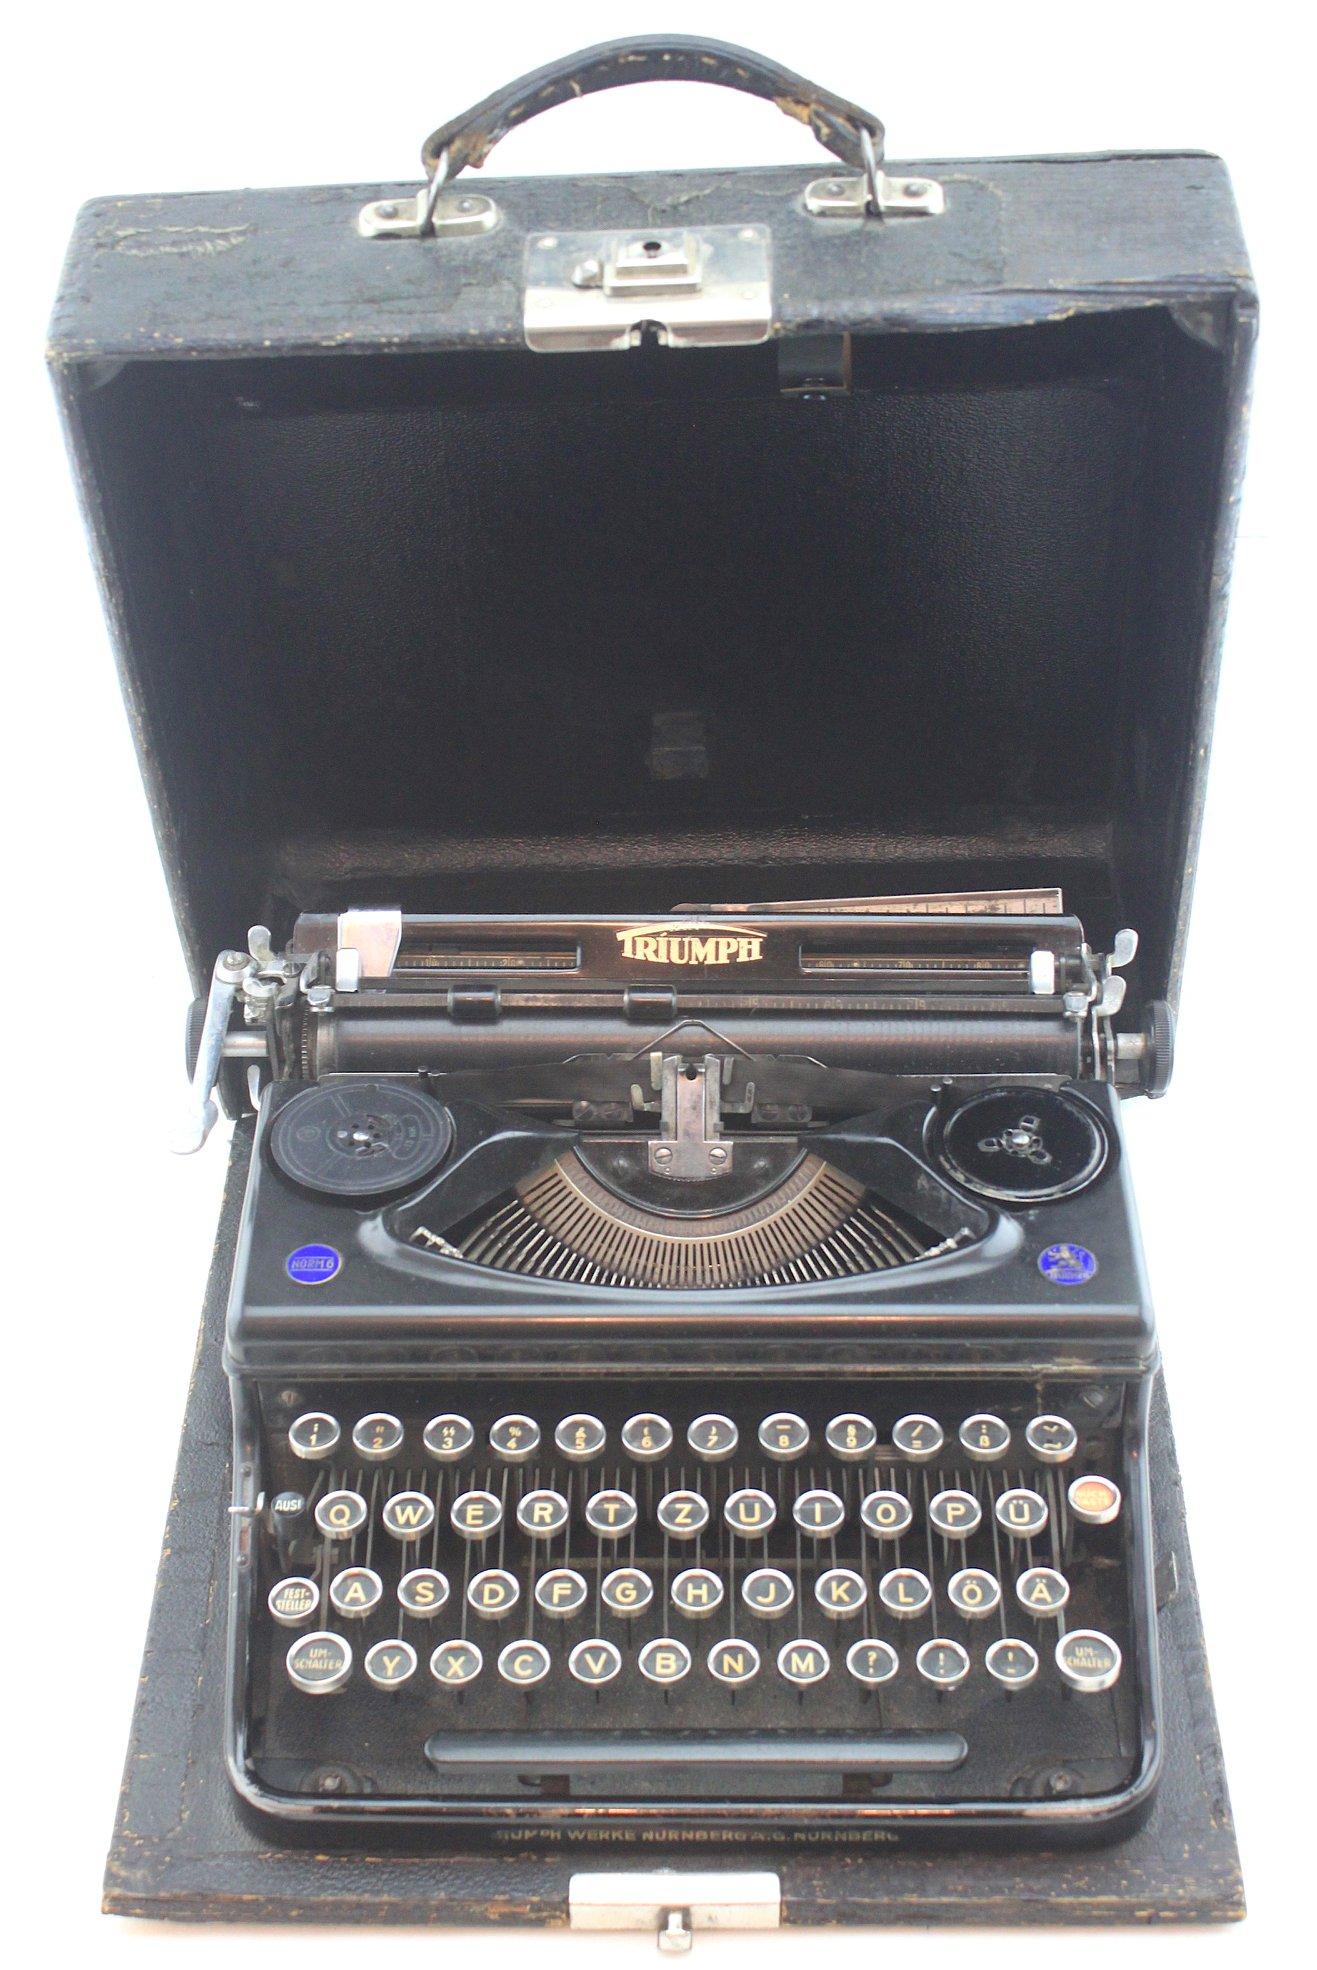 二戰德軍Triumph牌軍用打字機